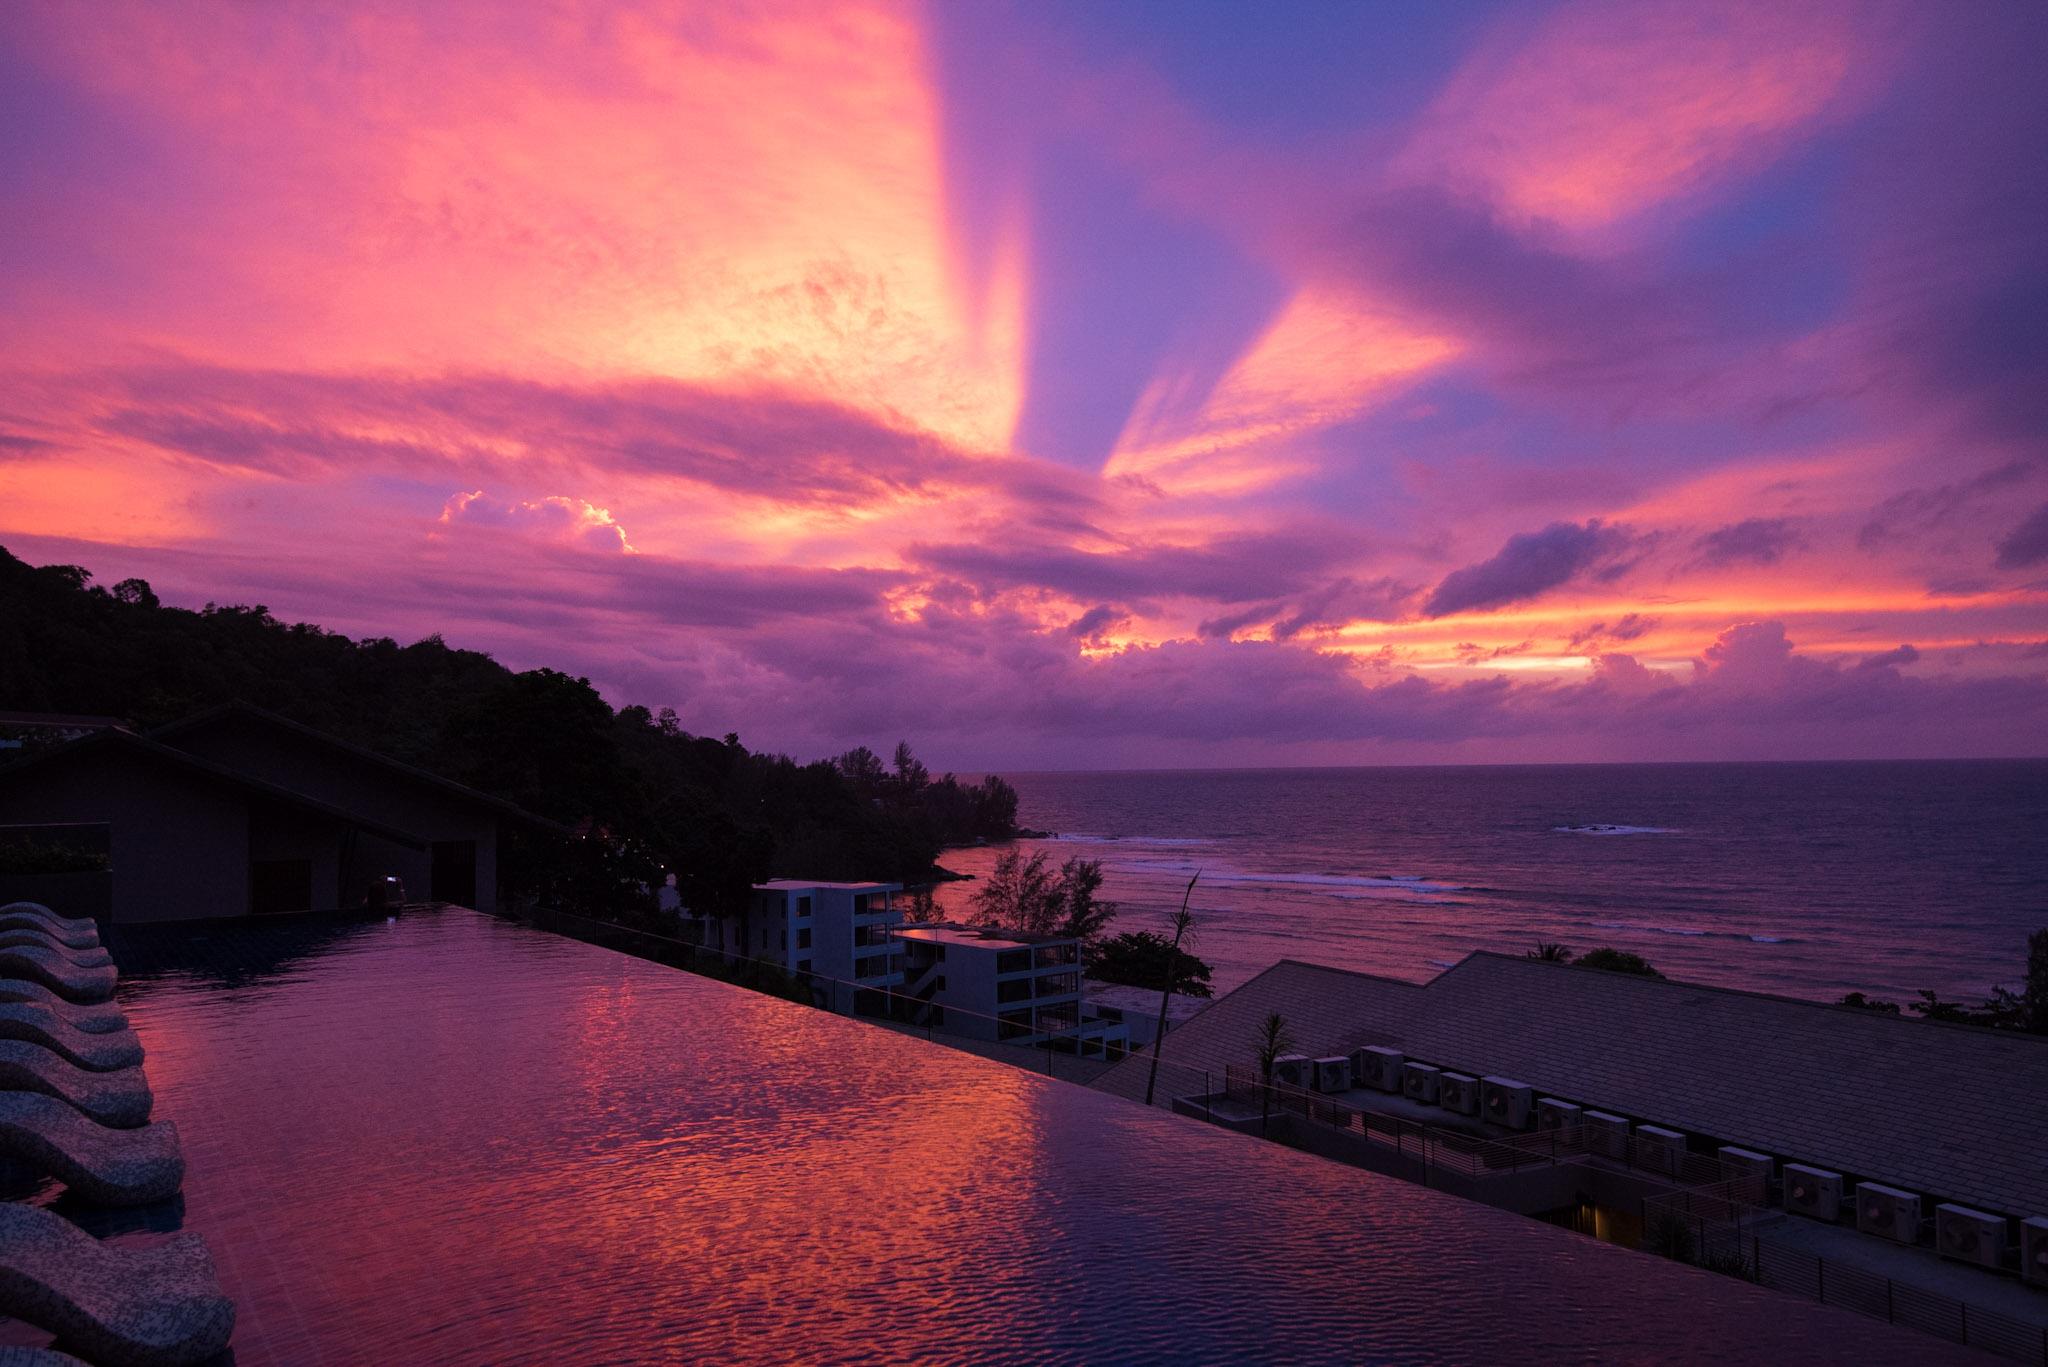 Sunset at the Regency Club The Pool Bar - Hyatt Regency Phuket Resort